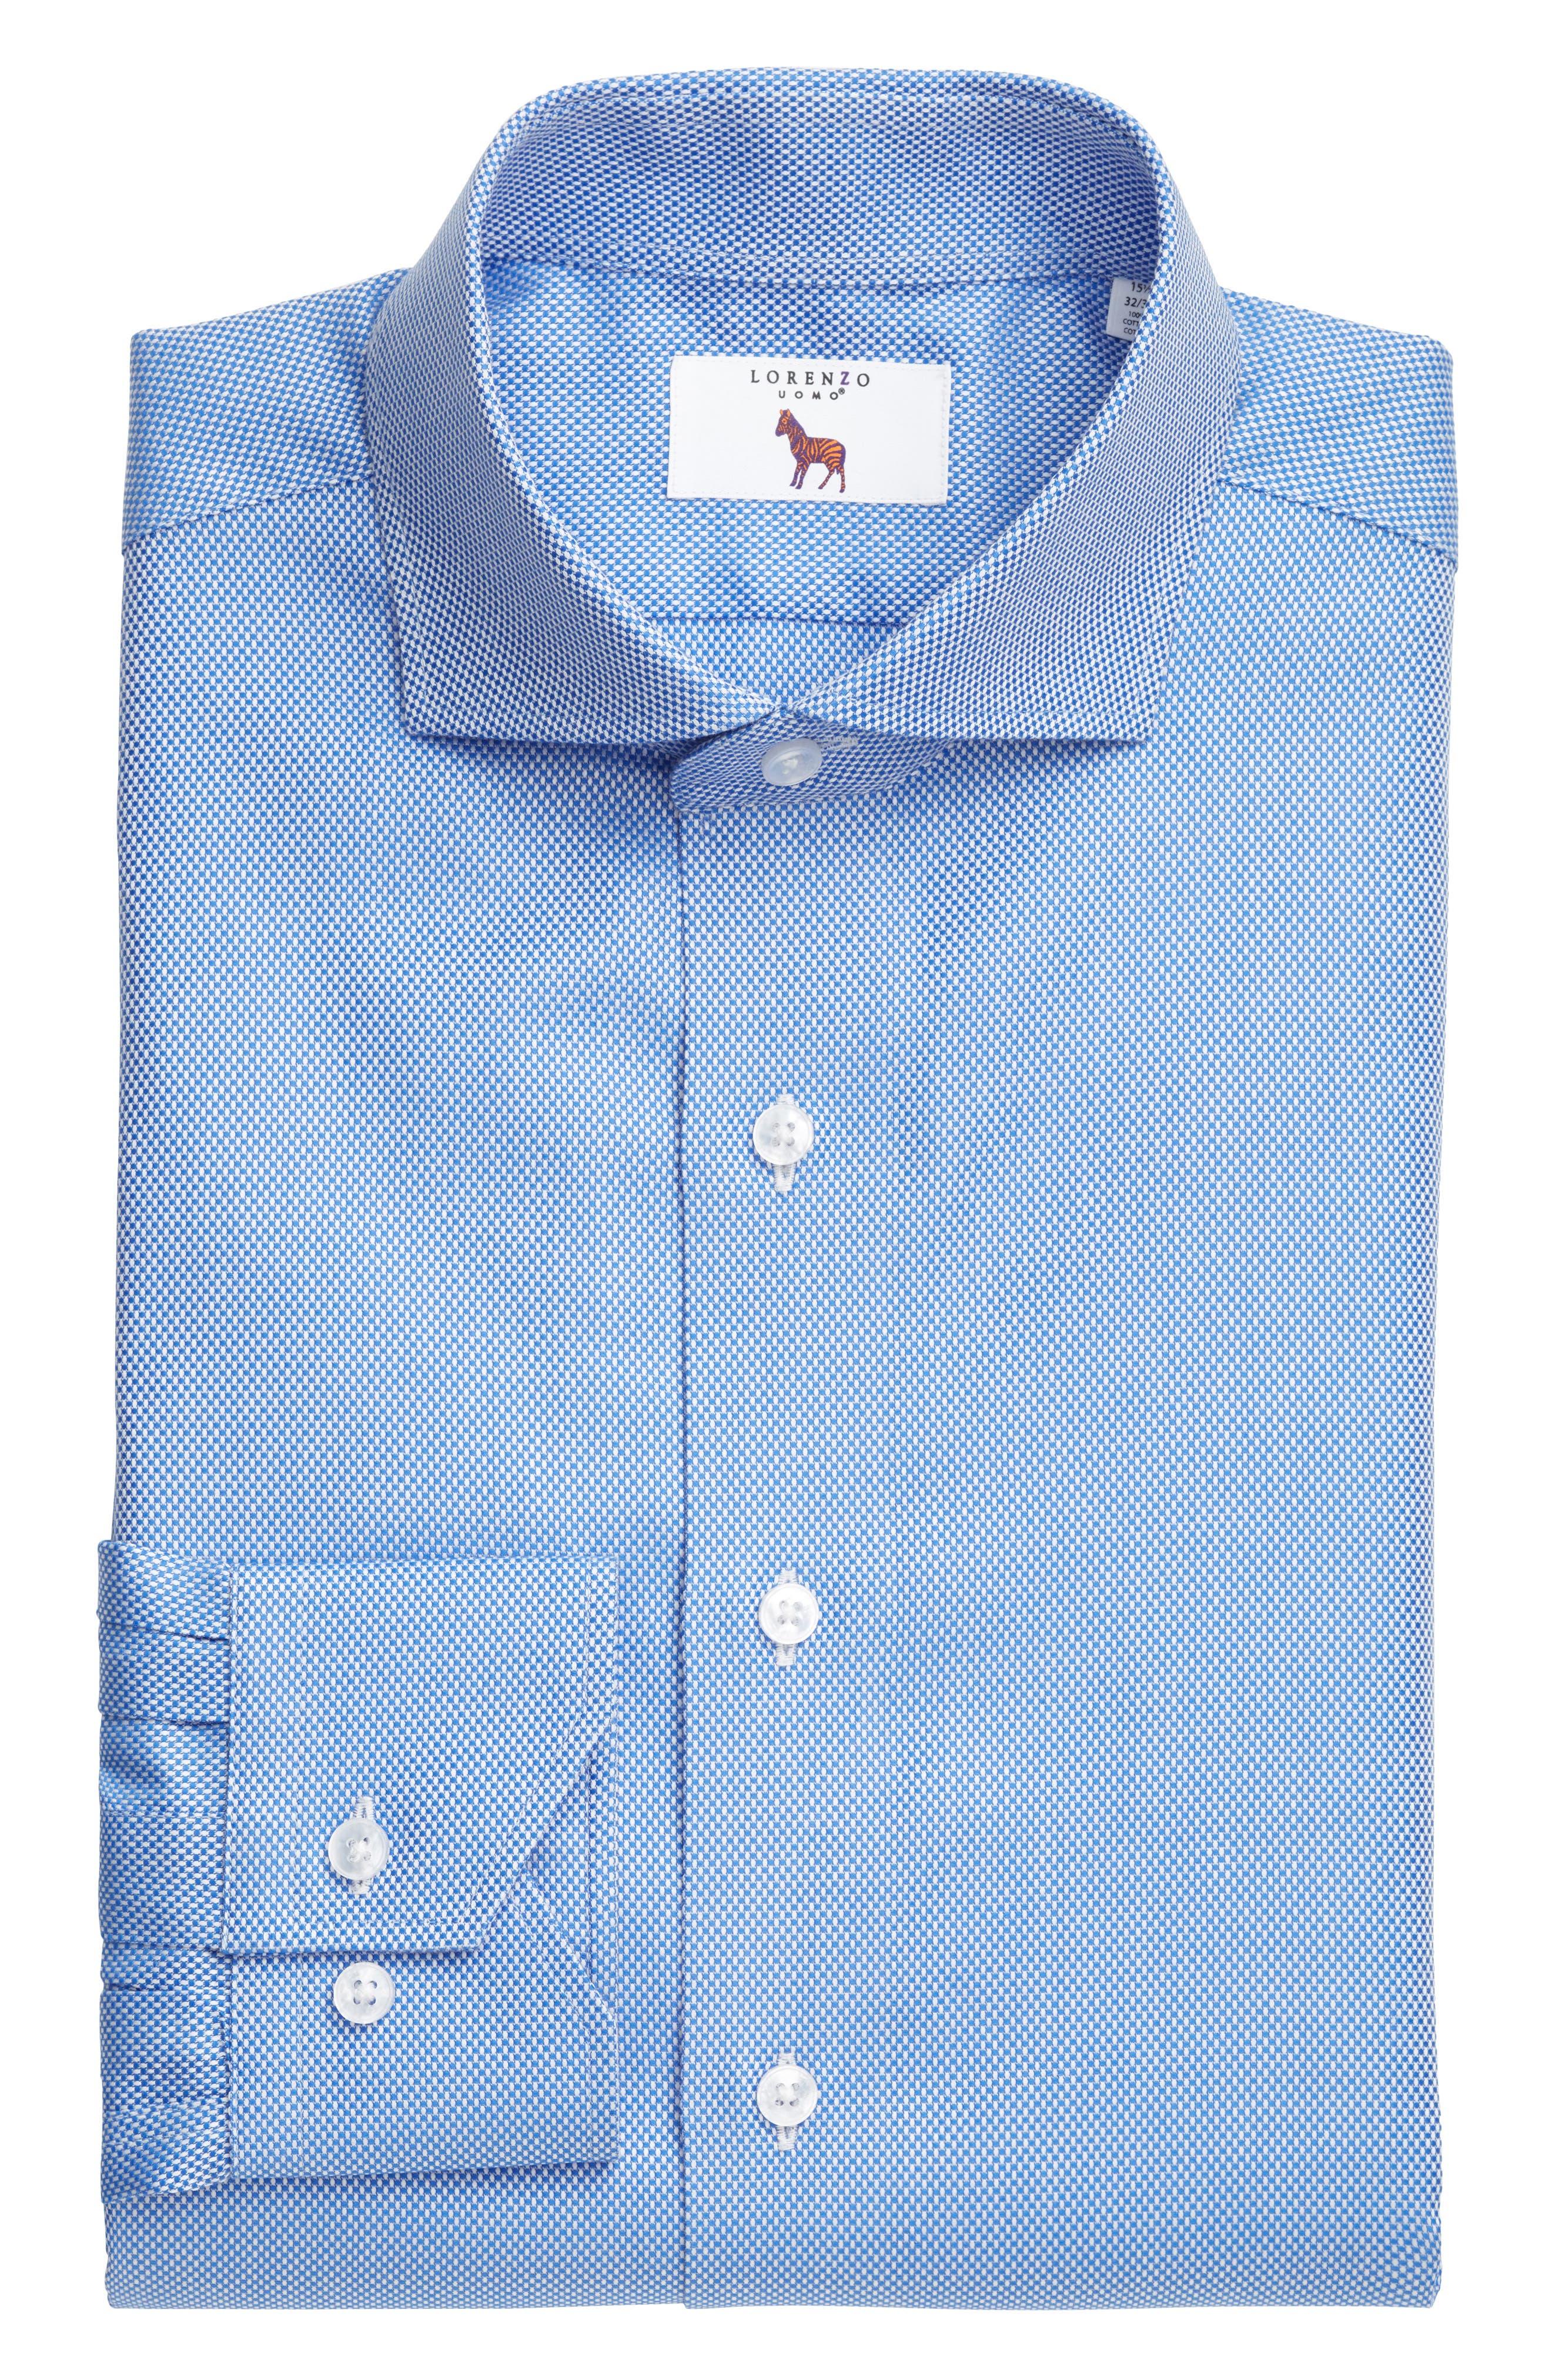 Trim Fit Texture Dress Shirt,                             Alternate thumbnail 3, color,                             NAVY